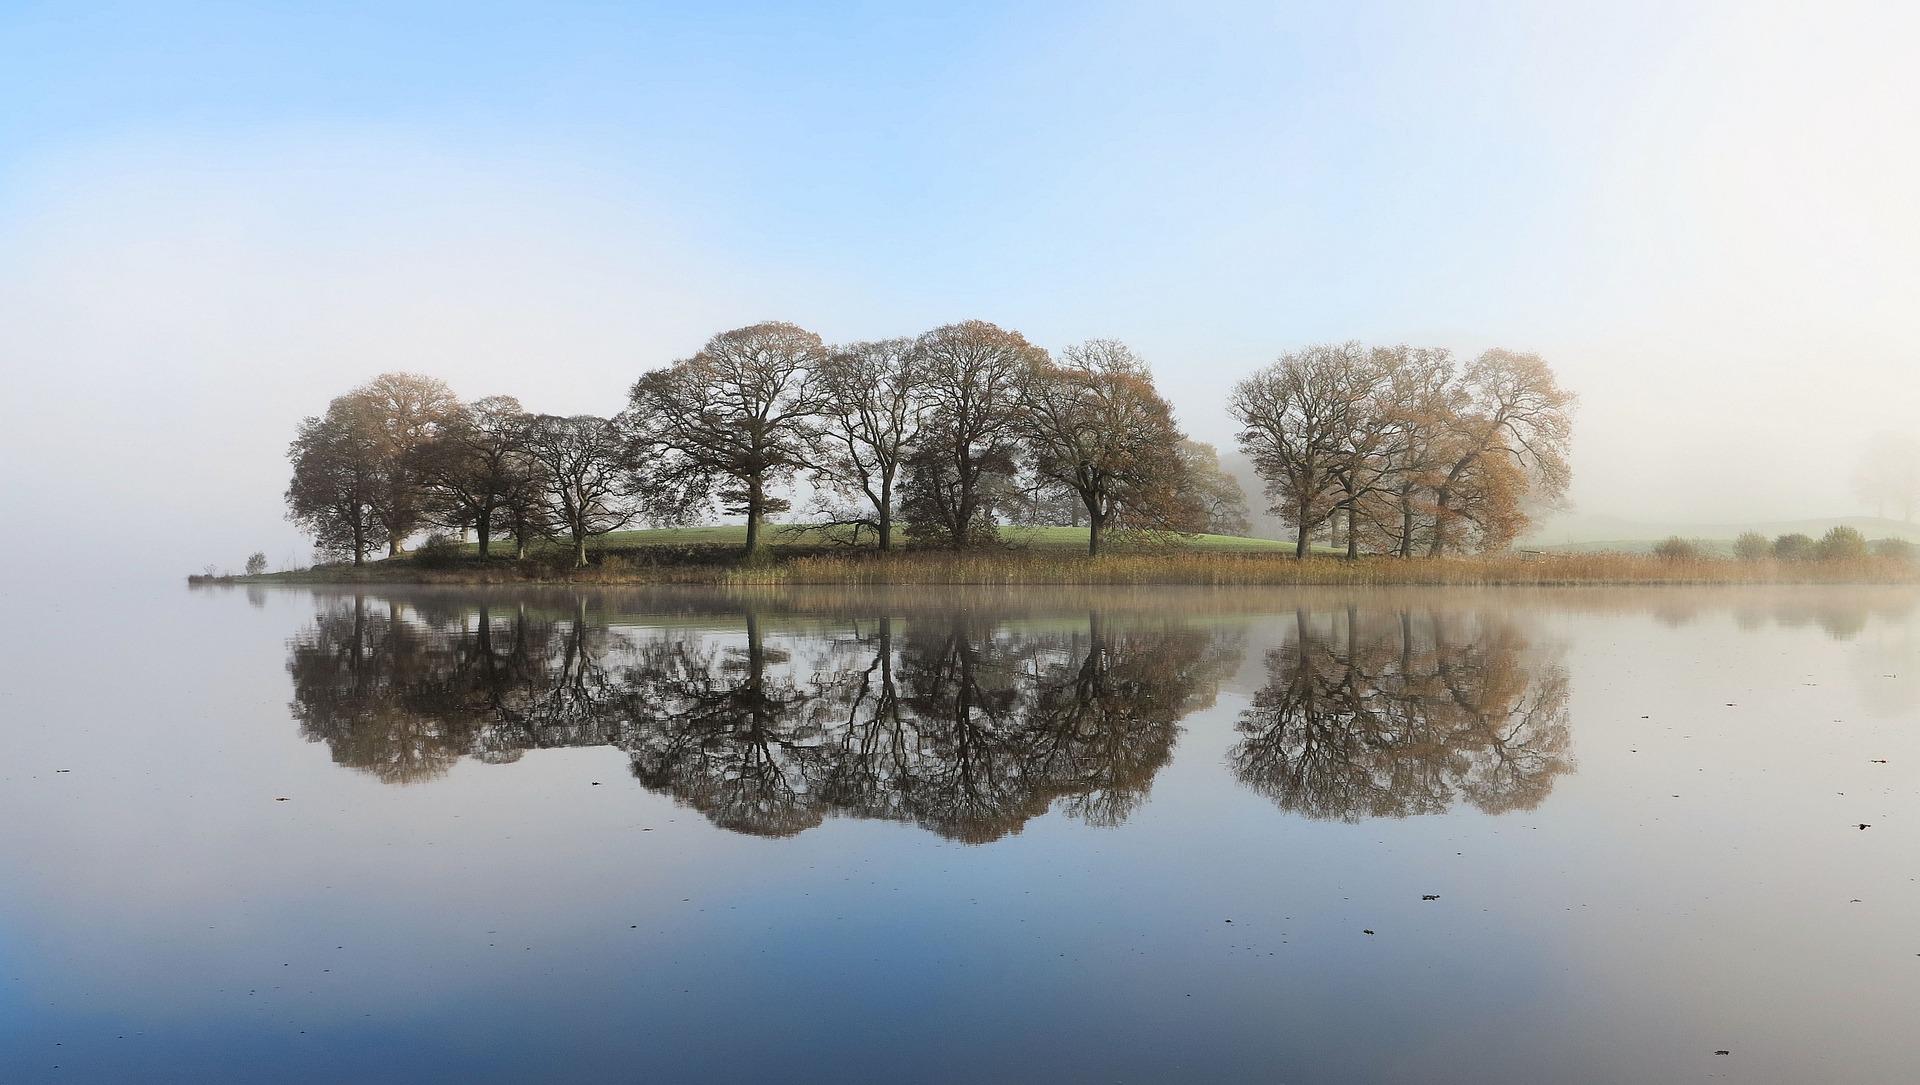 Esthwaite lake (photo: APB, Pixabay)